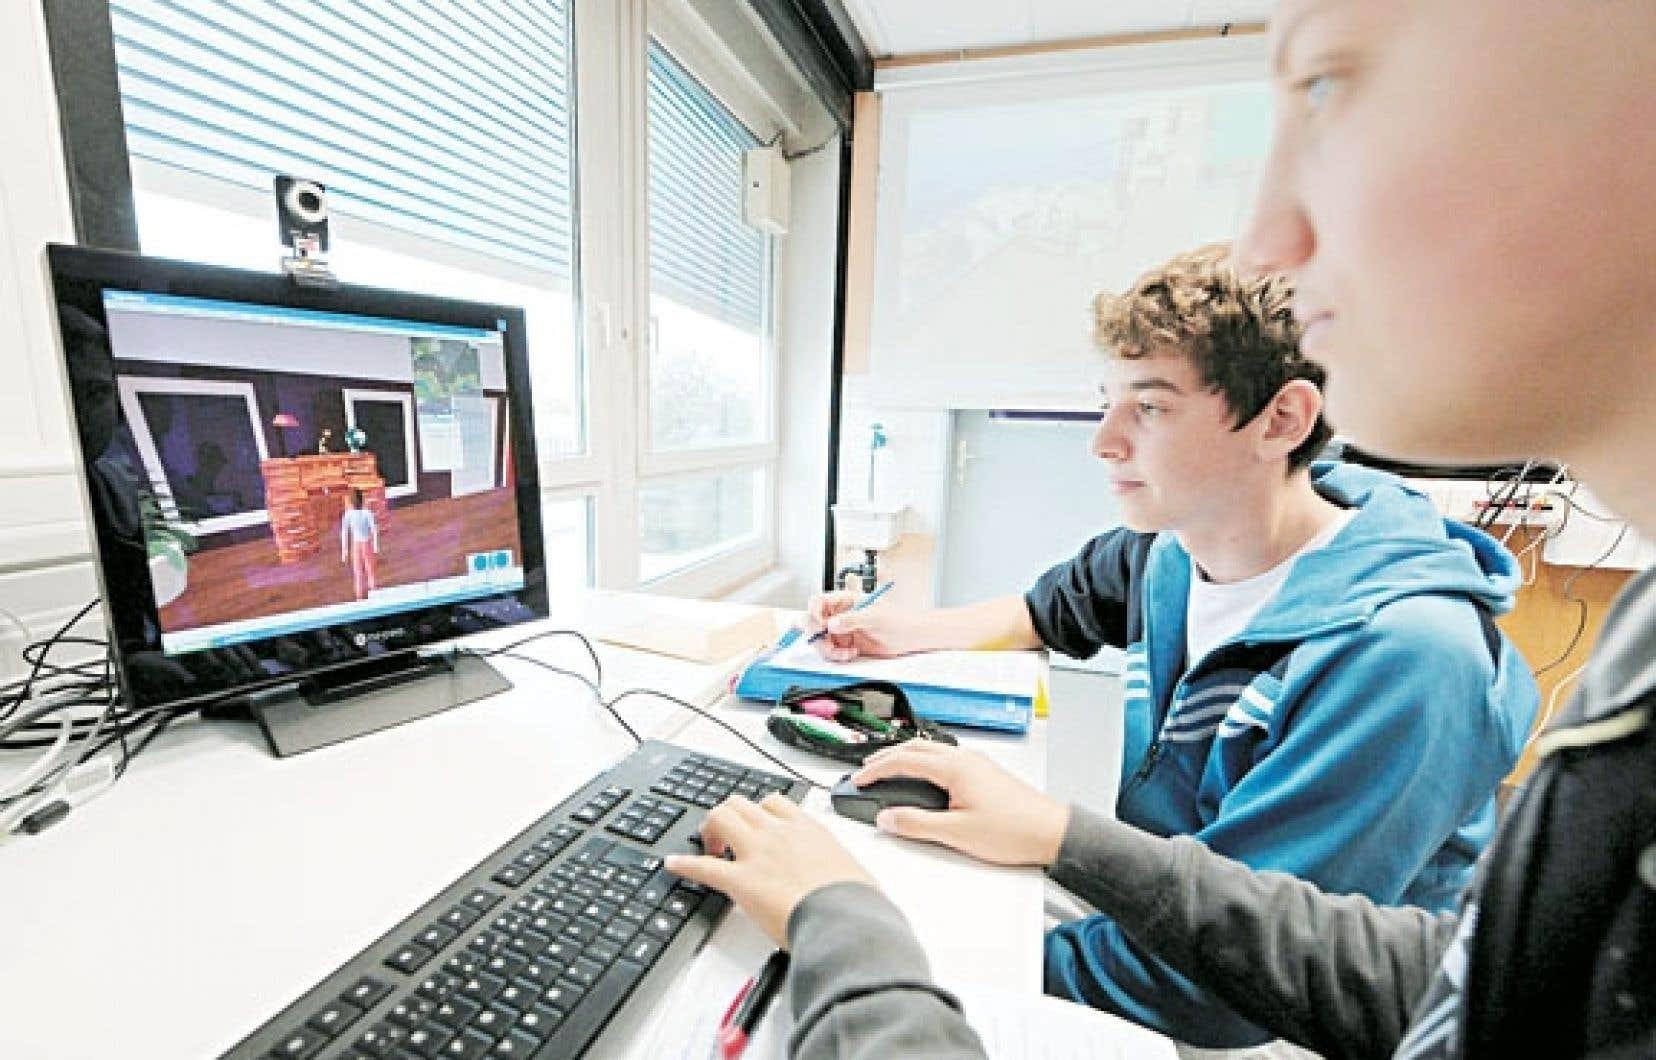 Action TI a dans ses cartons des projets pour intéresser les jeunes à travailler dans le secteur des technologies de l'information.